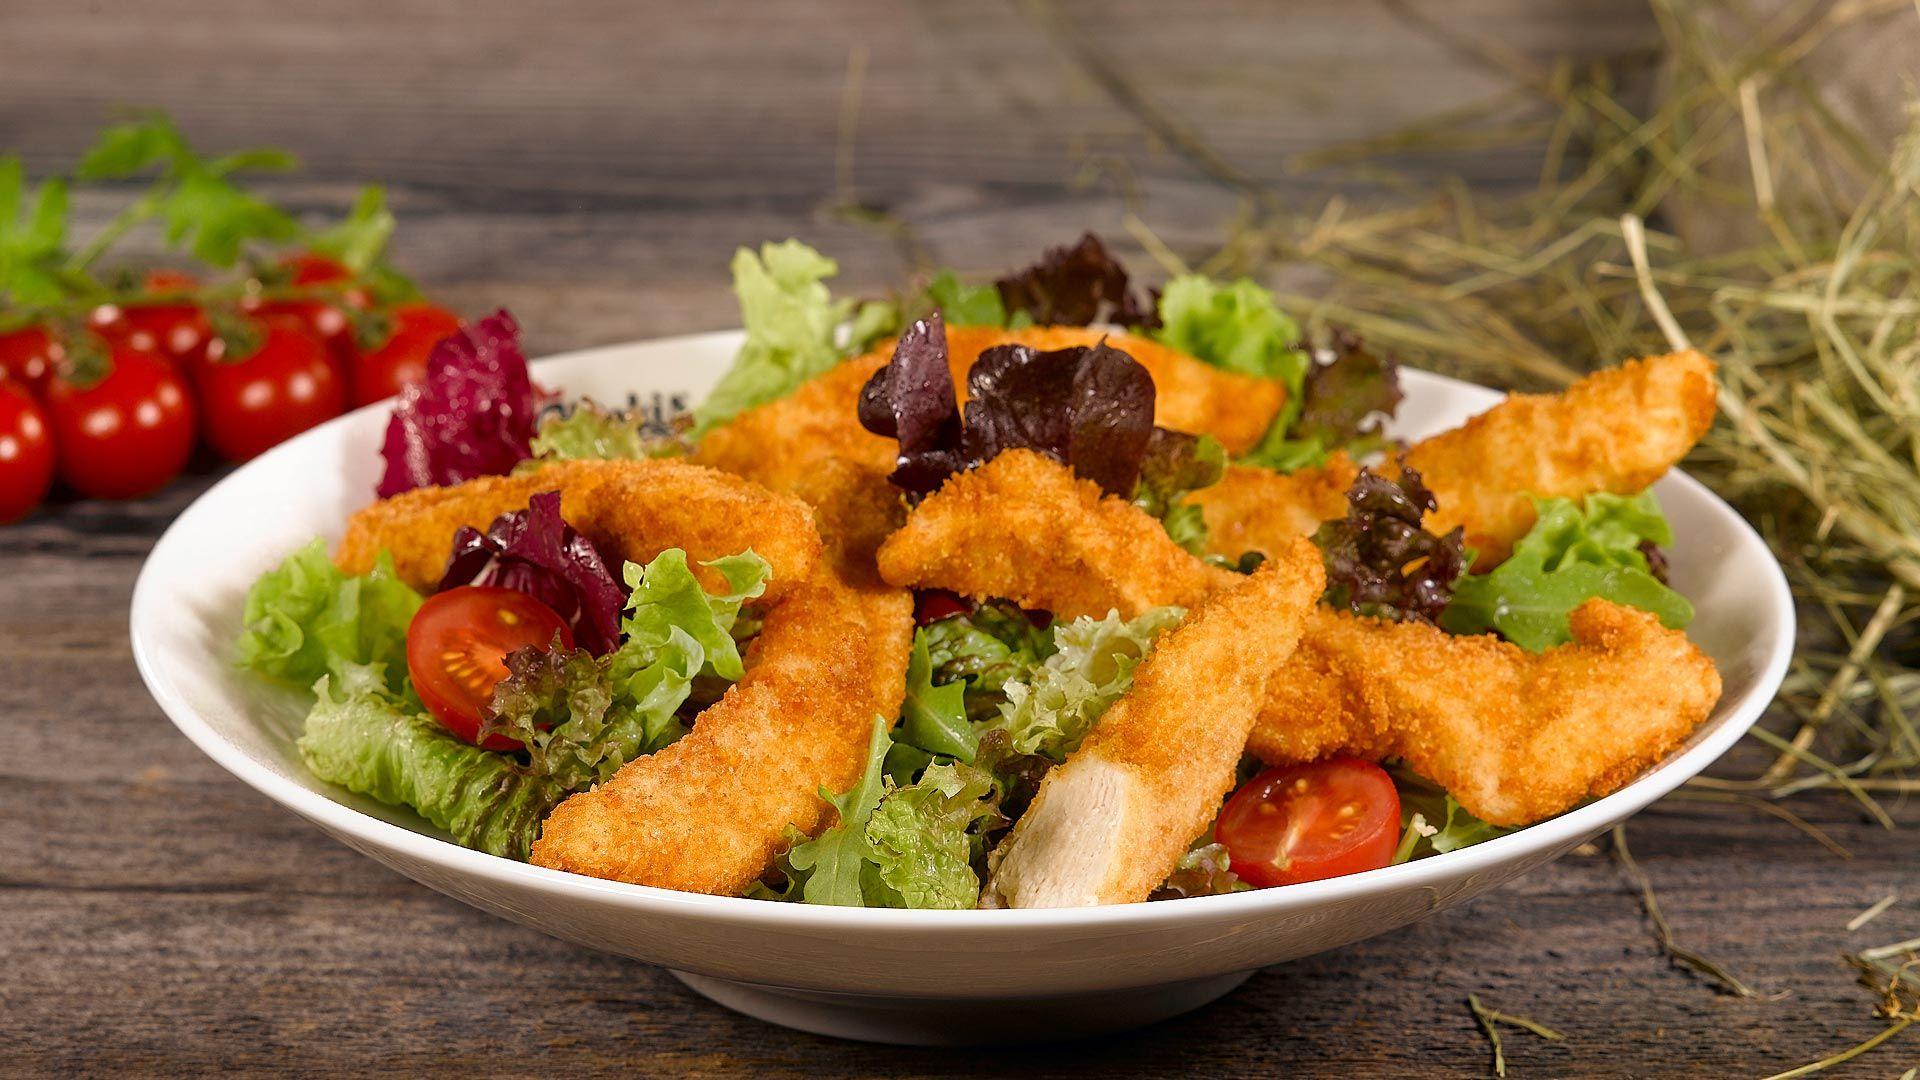 gebackene filetstreifen auf buntem salat chickis weil s schmeckt. Black Bedroom Furniture Sets. Home Design Ideas